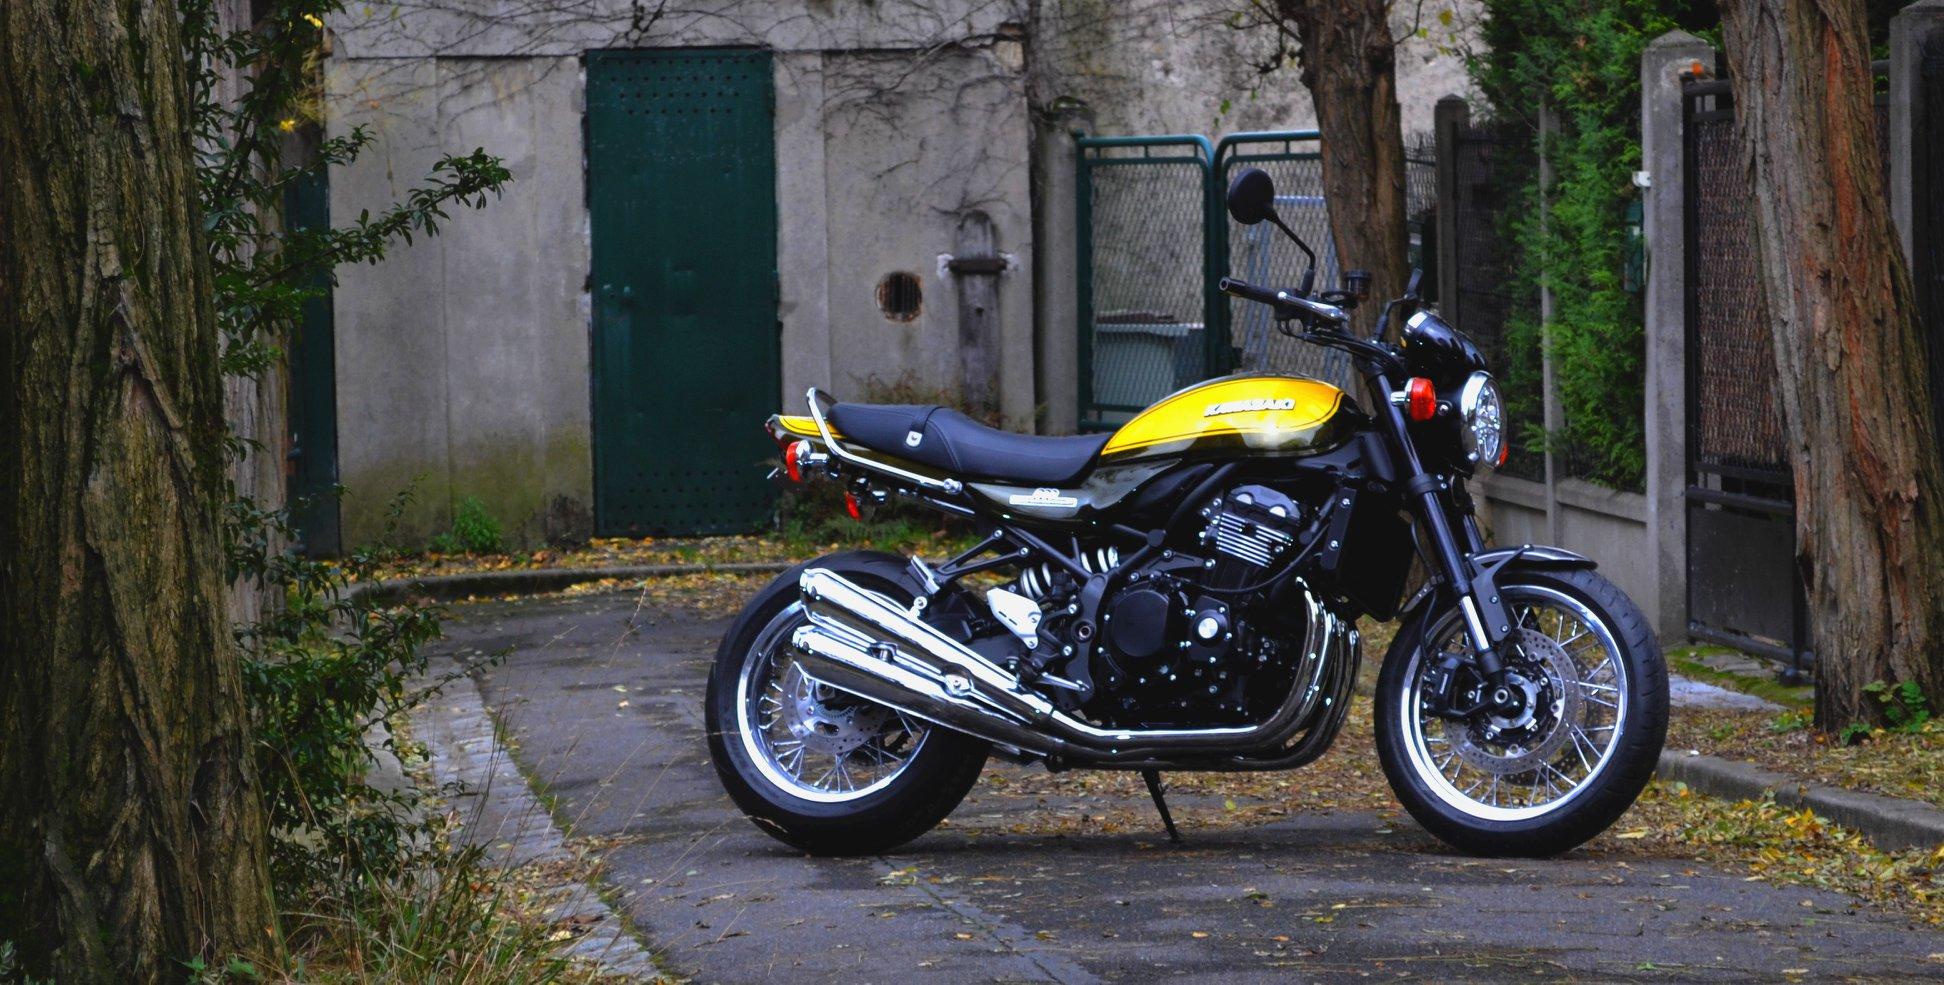 z900rs-n7-kb-style